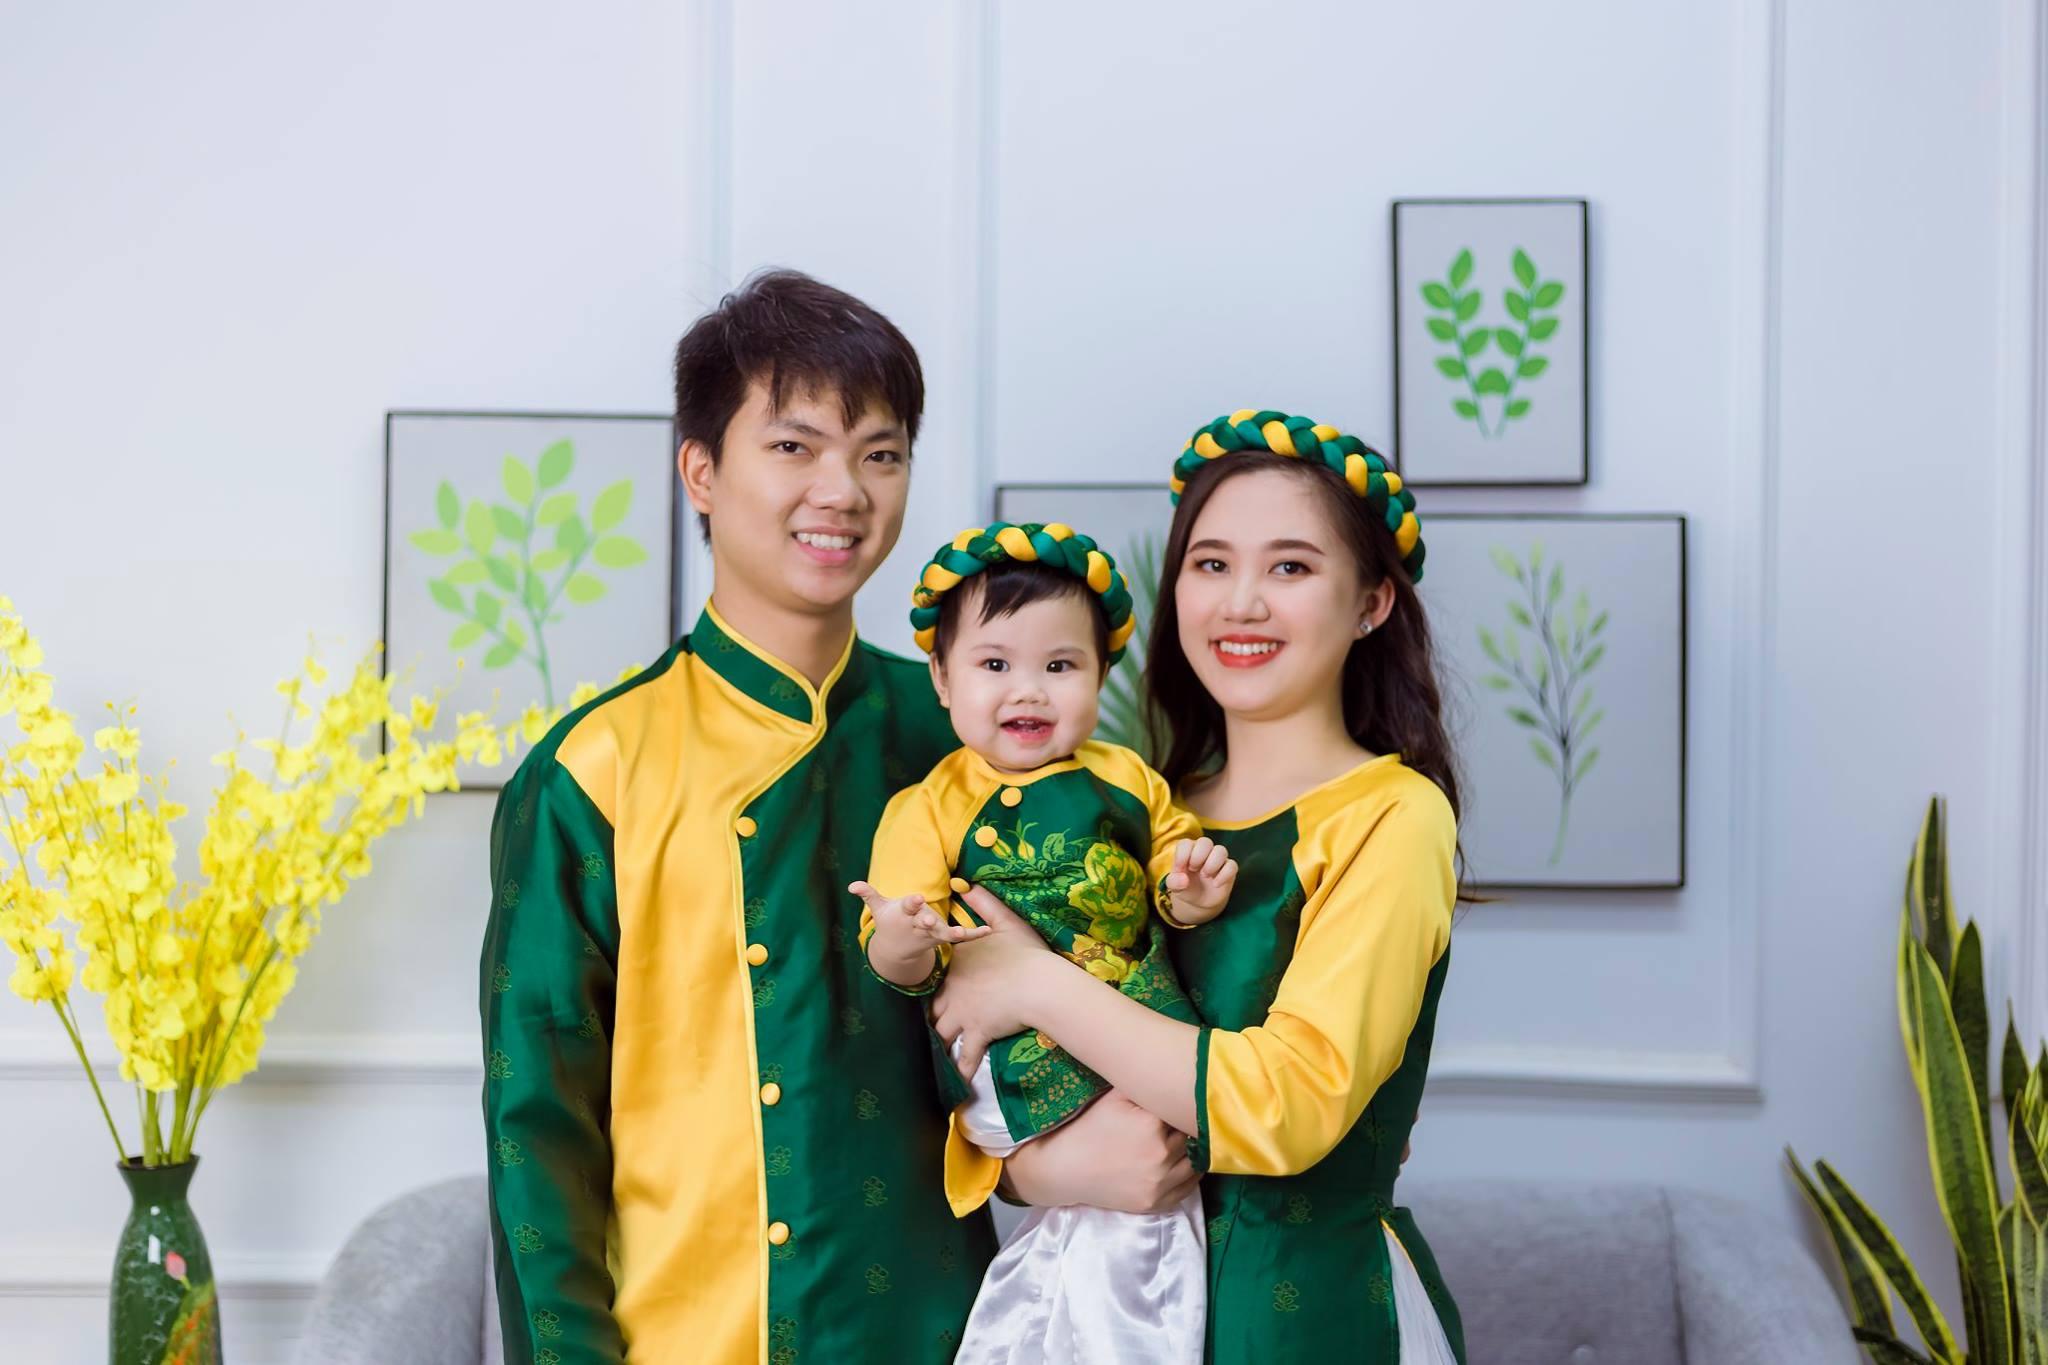 Hình ảnh gia đình hạnh phúc vui vẻ ngày Tết